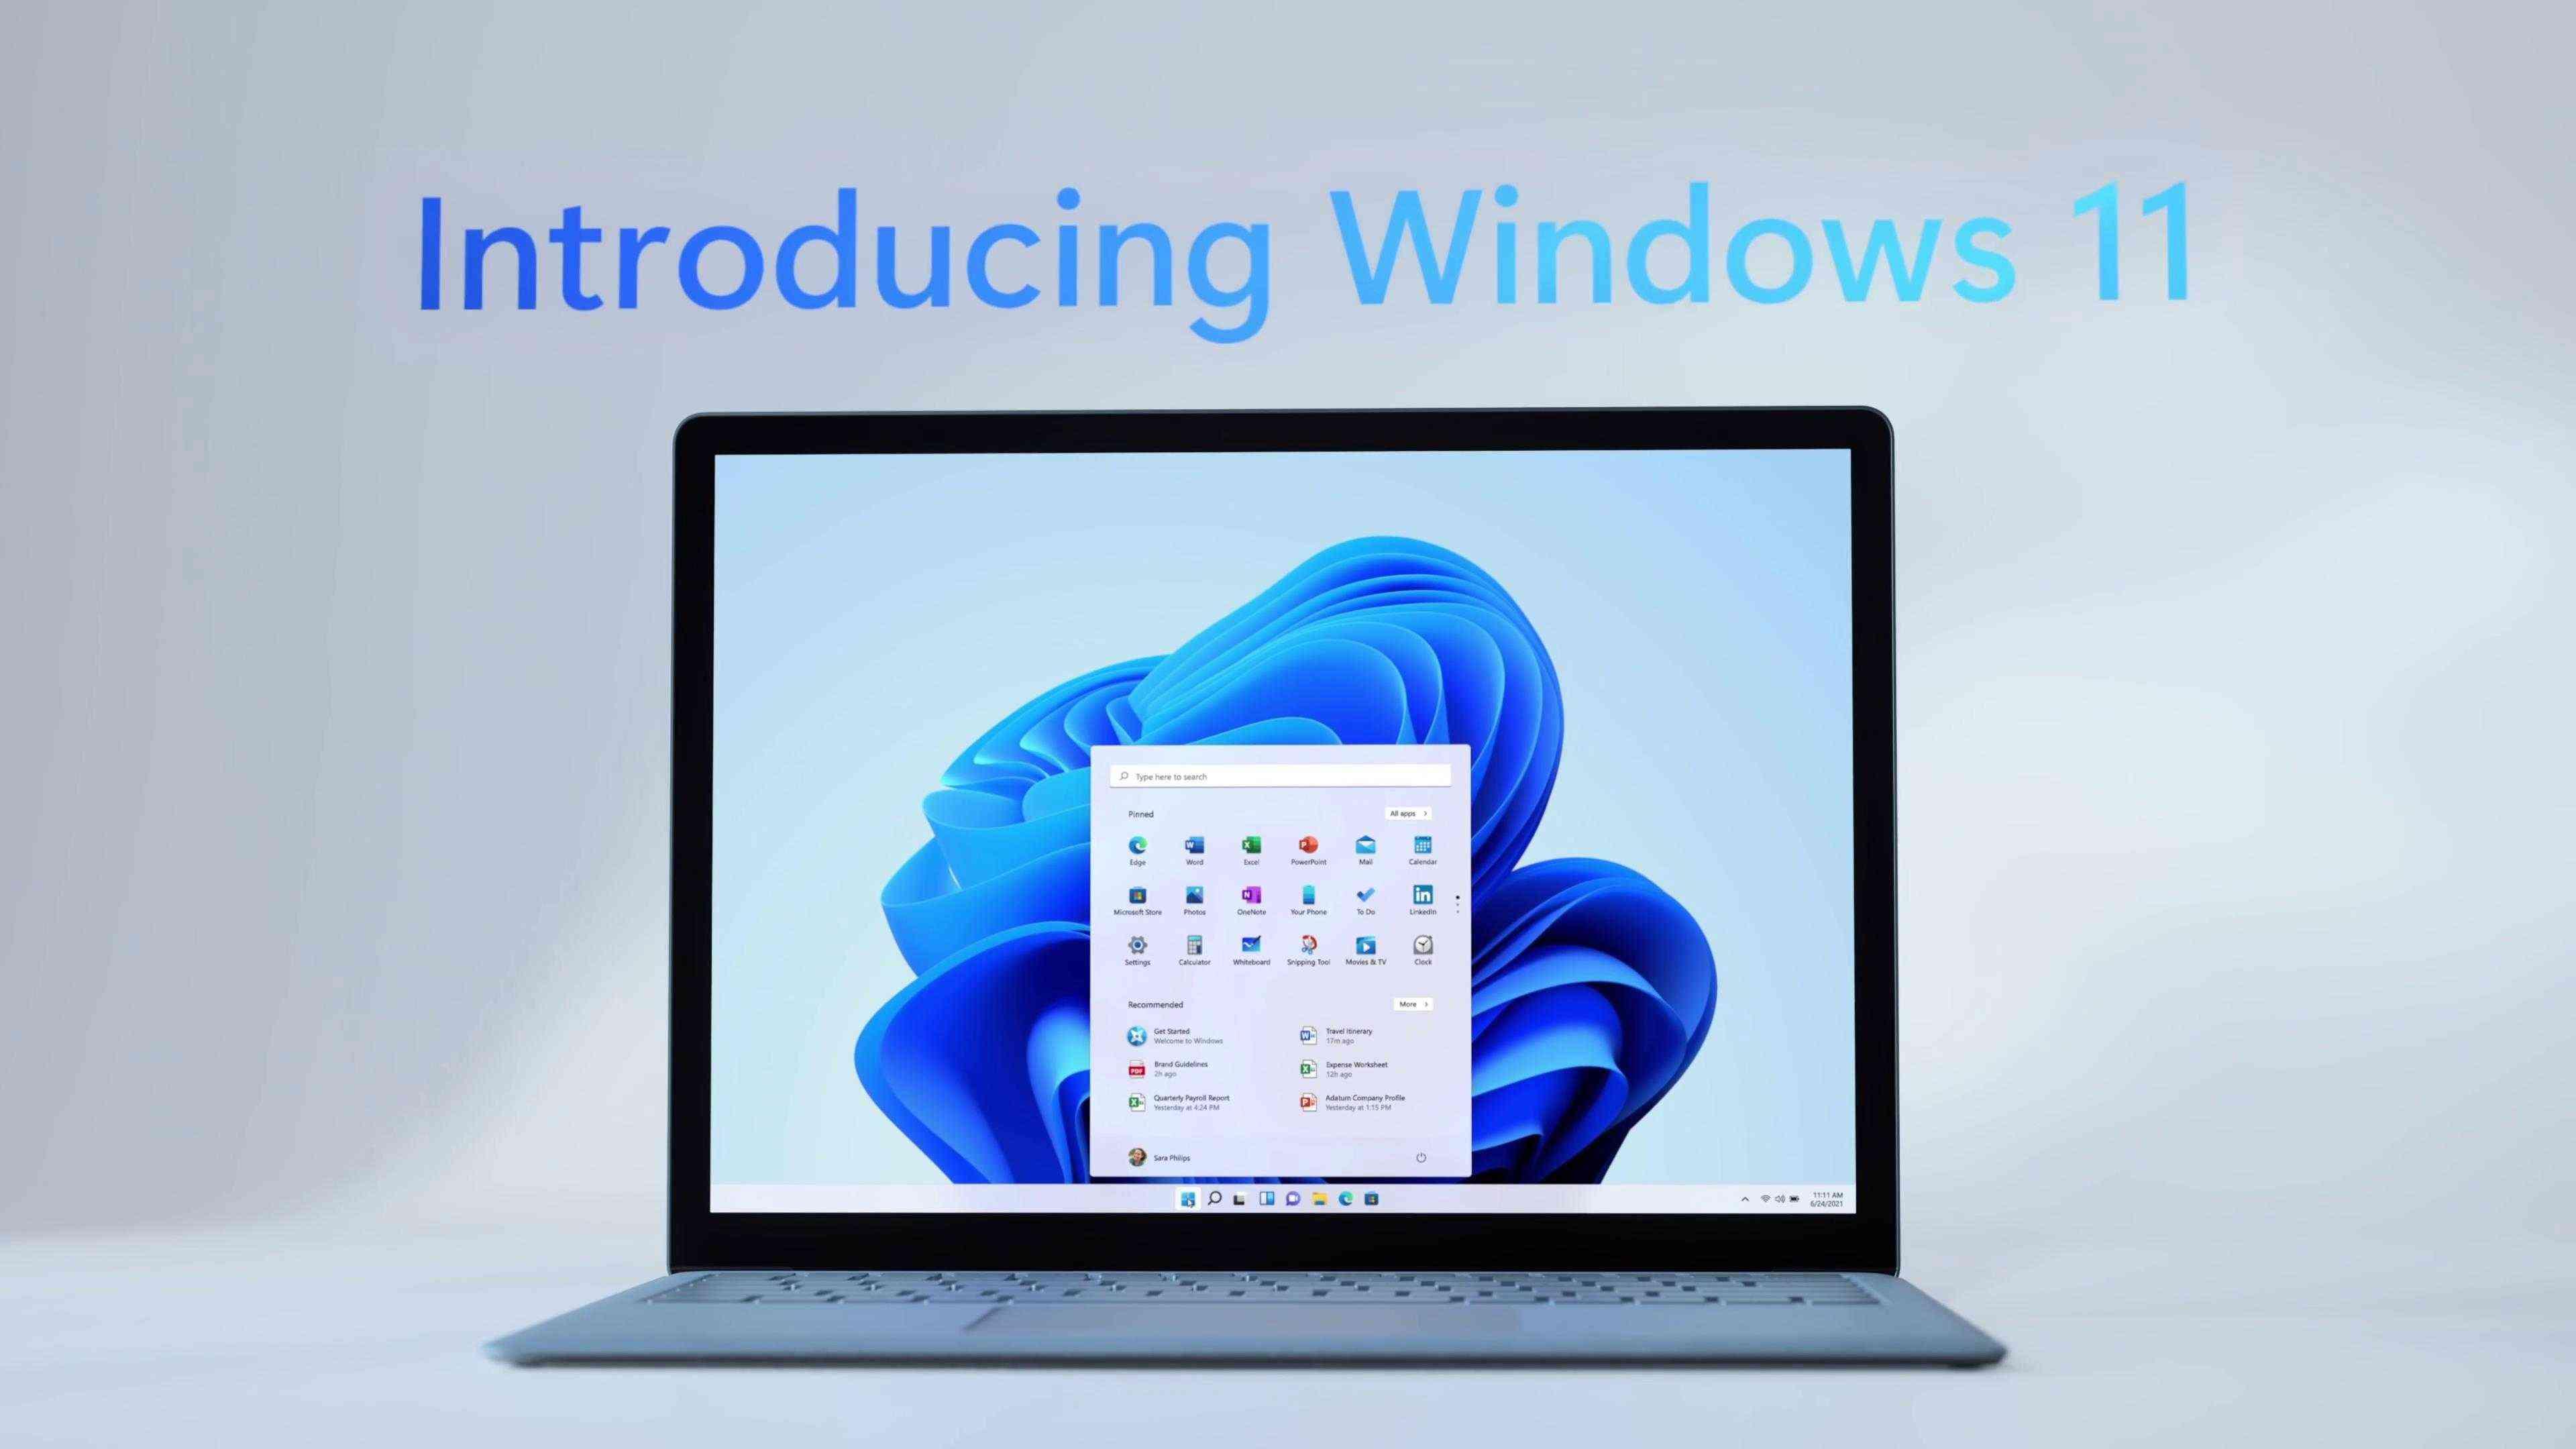 史上最美系统《治愈蓝色Windows 11》